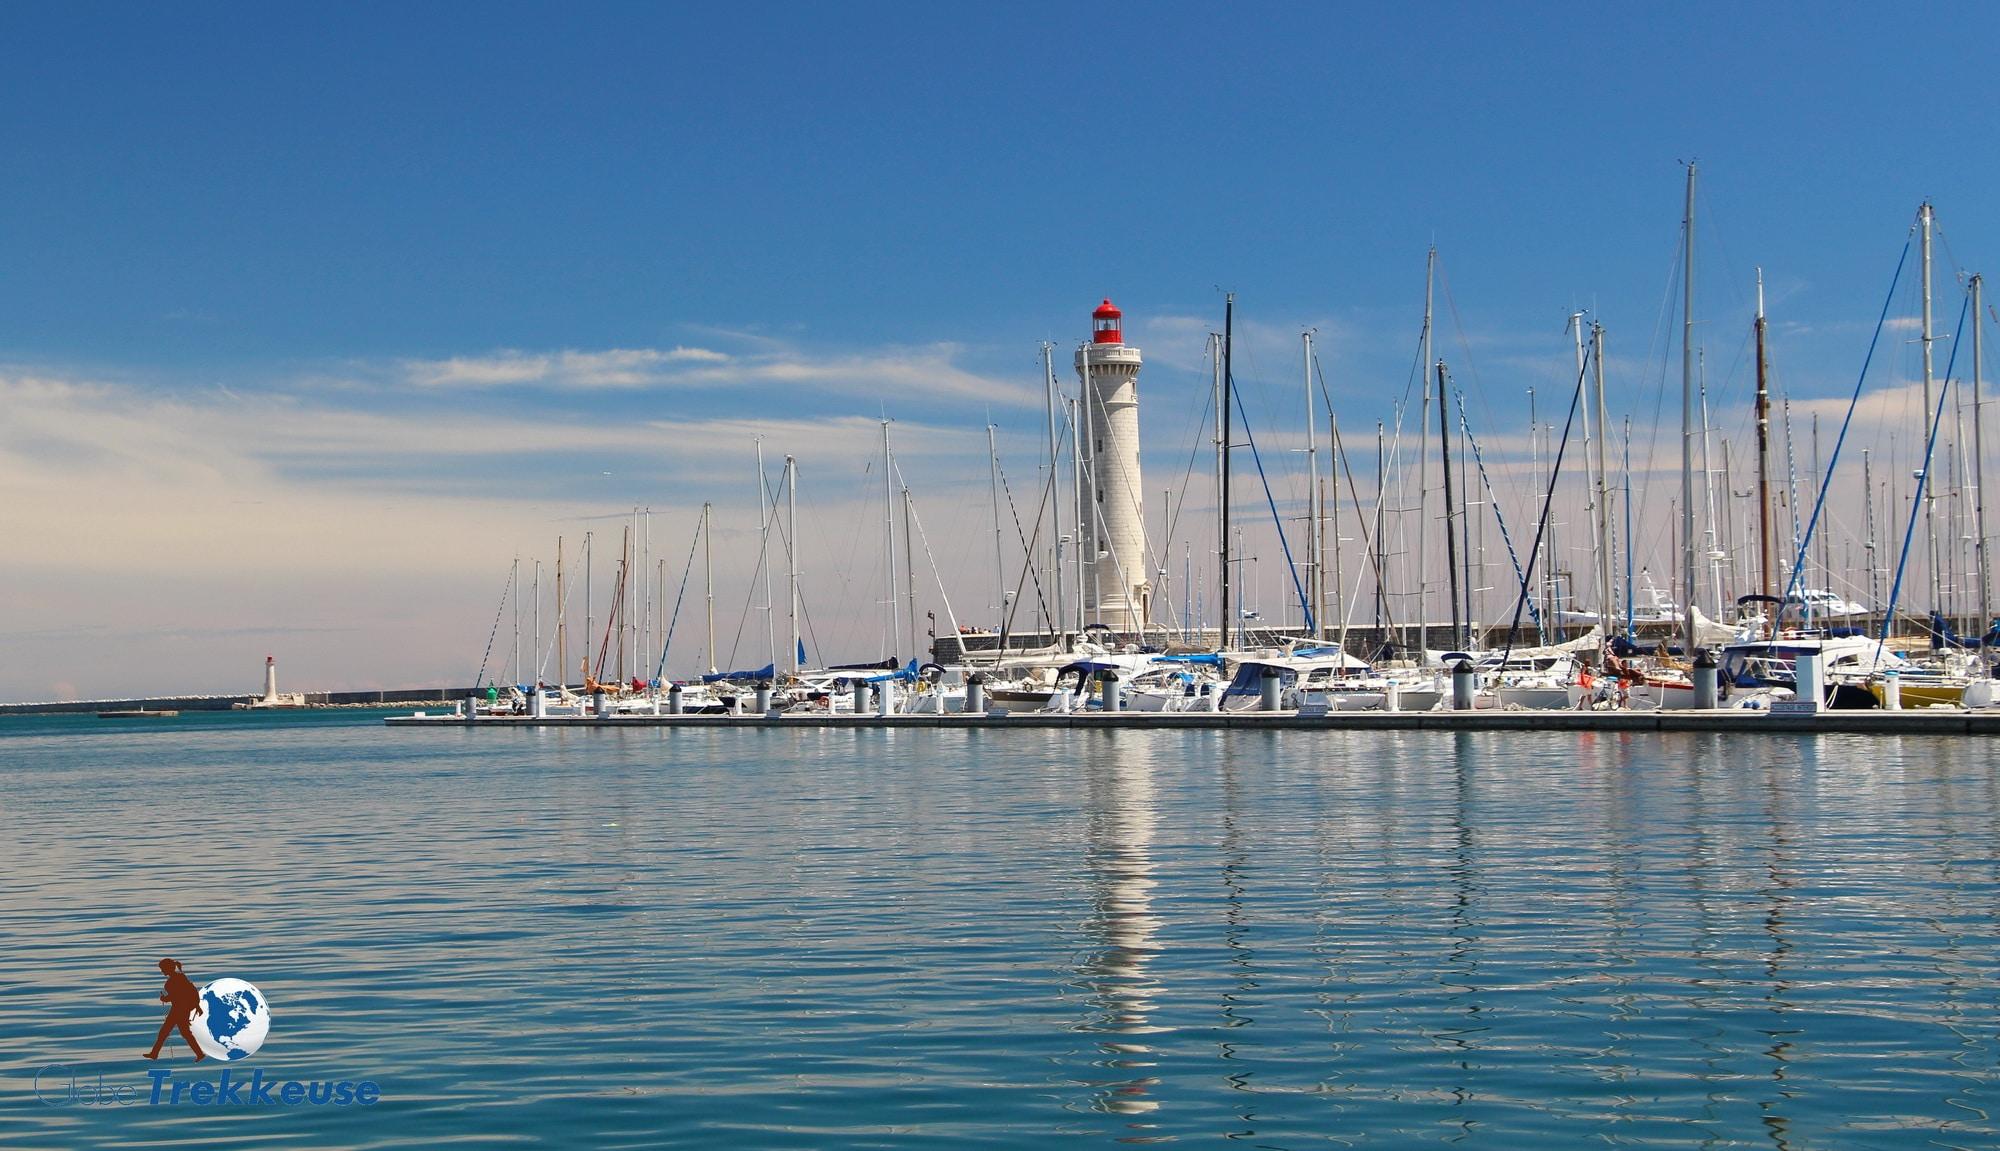 etang de thau sete phare port